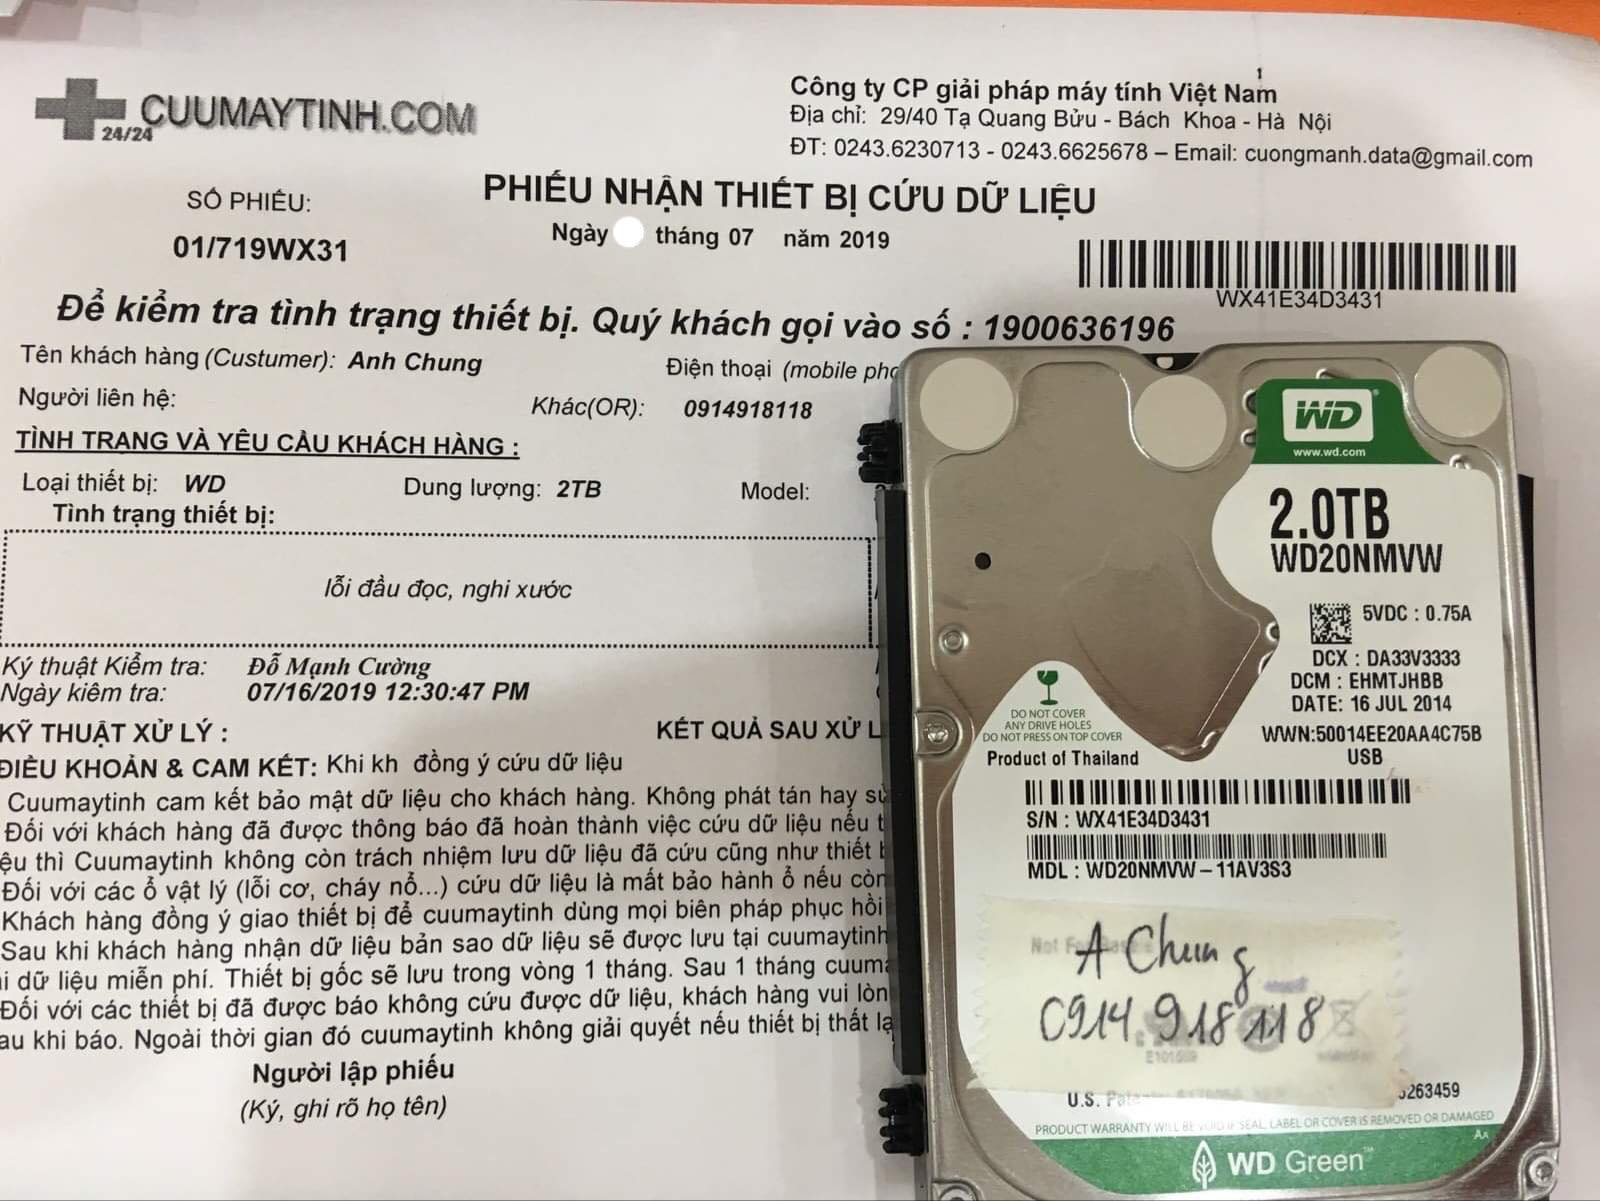 Cứu dữ liệu ổ cứng Western 2TB lỗi đầu đọc 29/07/2019 - cuumaytinh